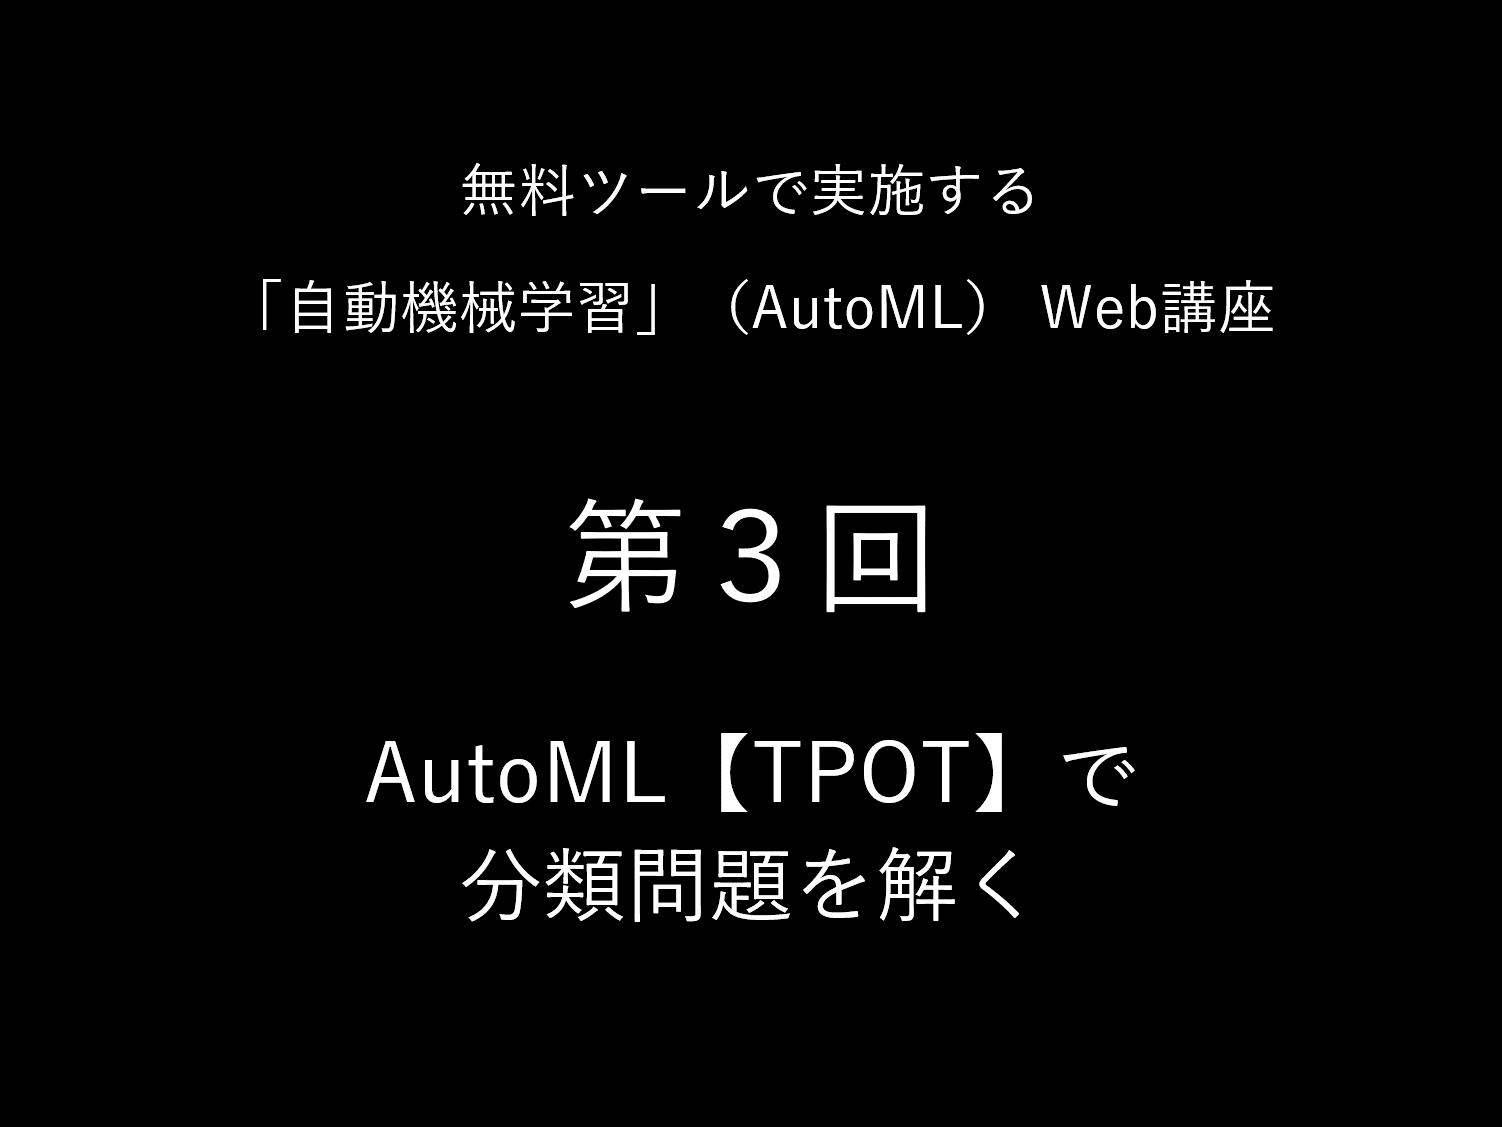 AutoML【TPOT】で分類問題を解く